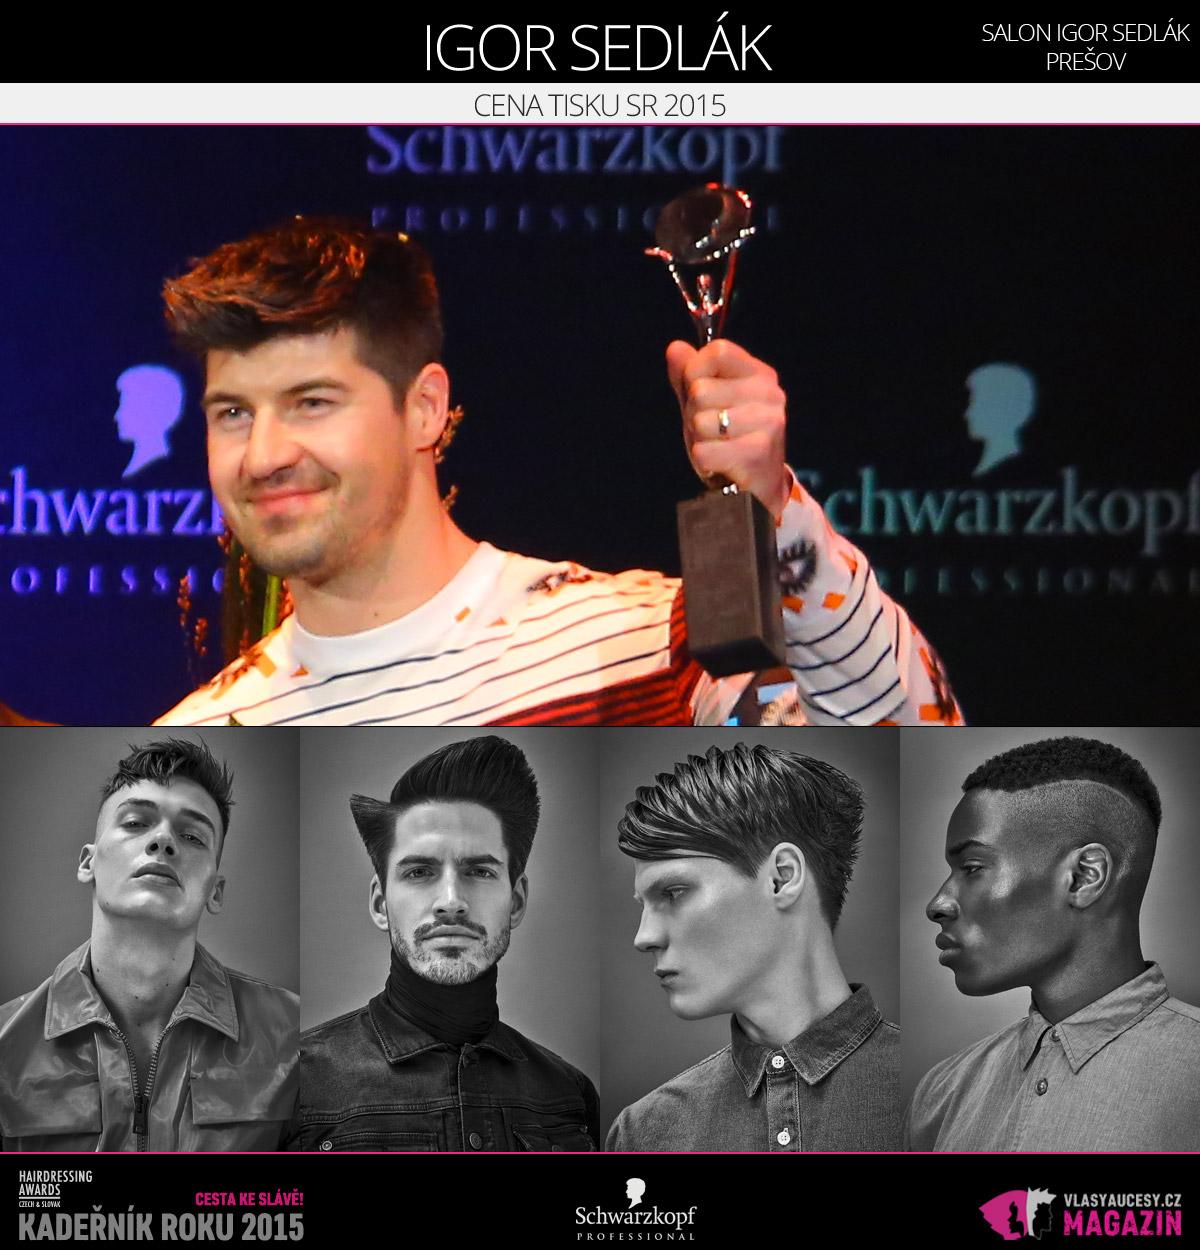 Vítězem v kategorii Cena tisku SR Czech and Slovak Hairdressing Awards 2015 je Igor Sedlák ze Salonu Igor sedlák Prešov.